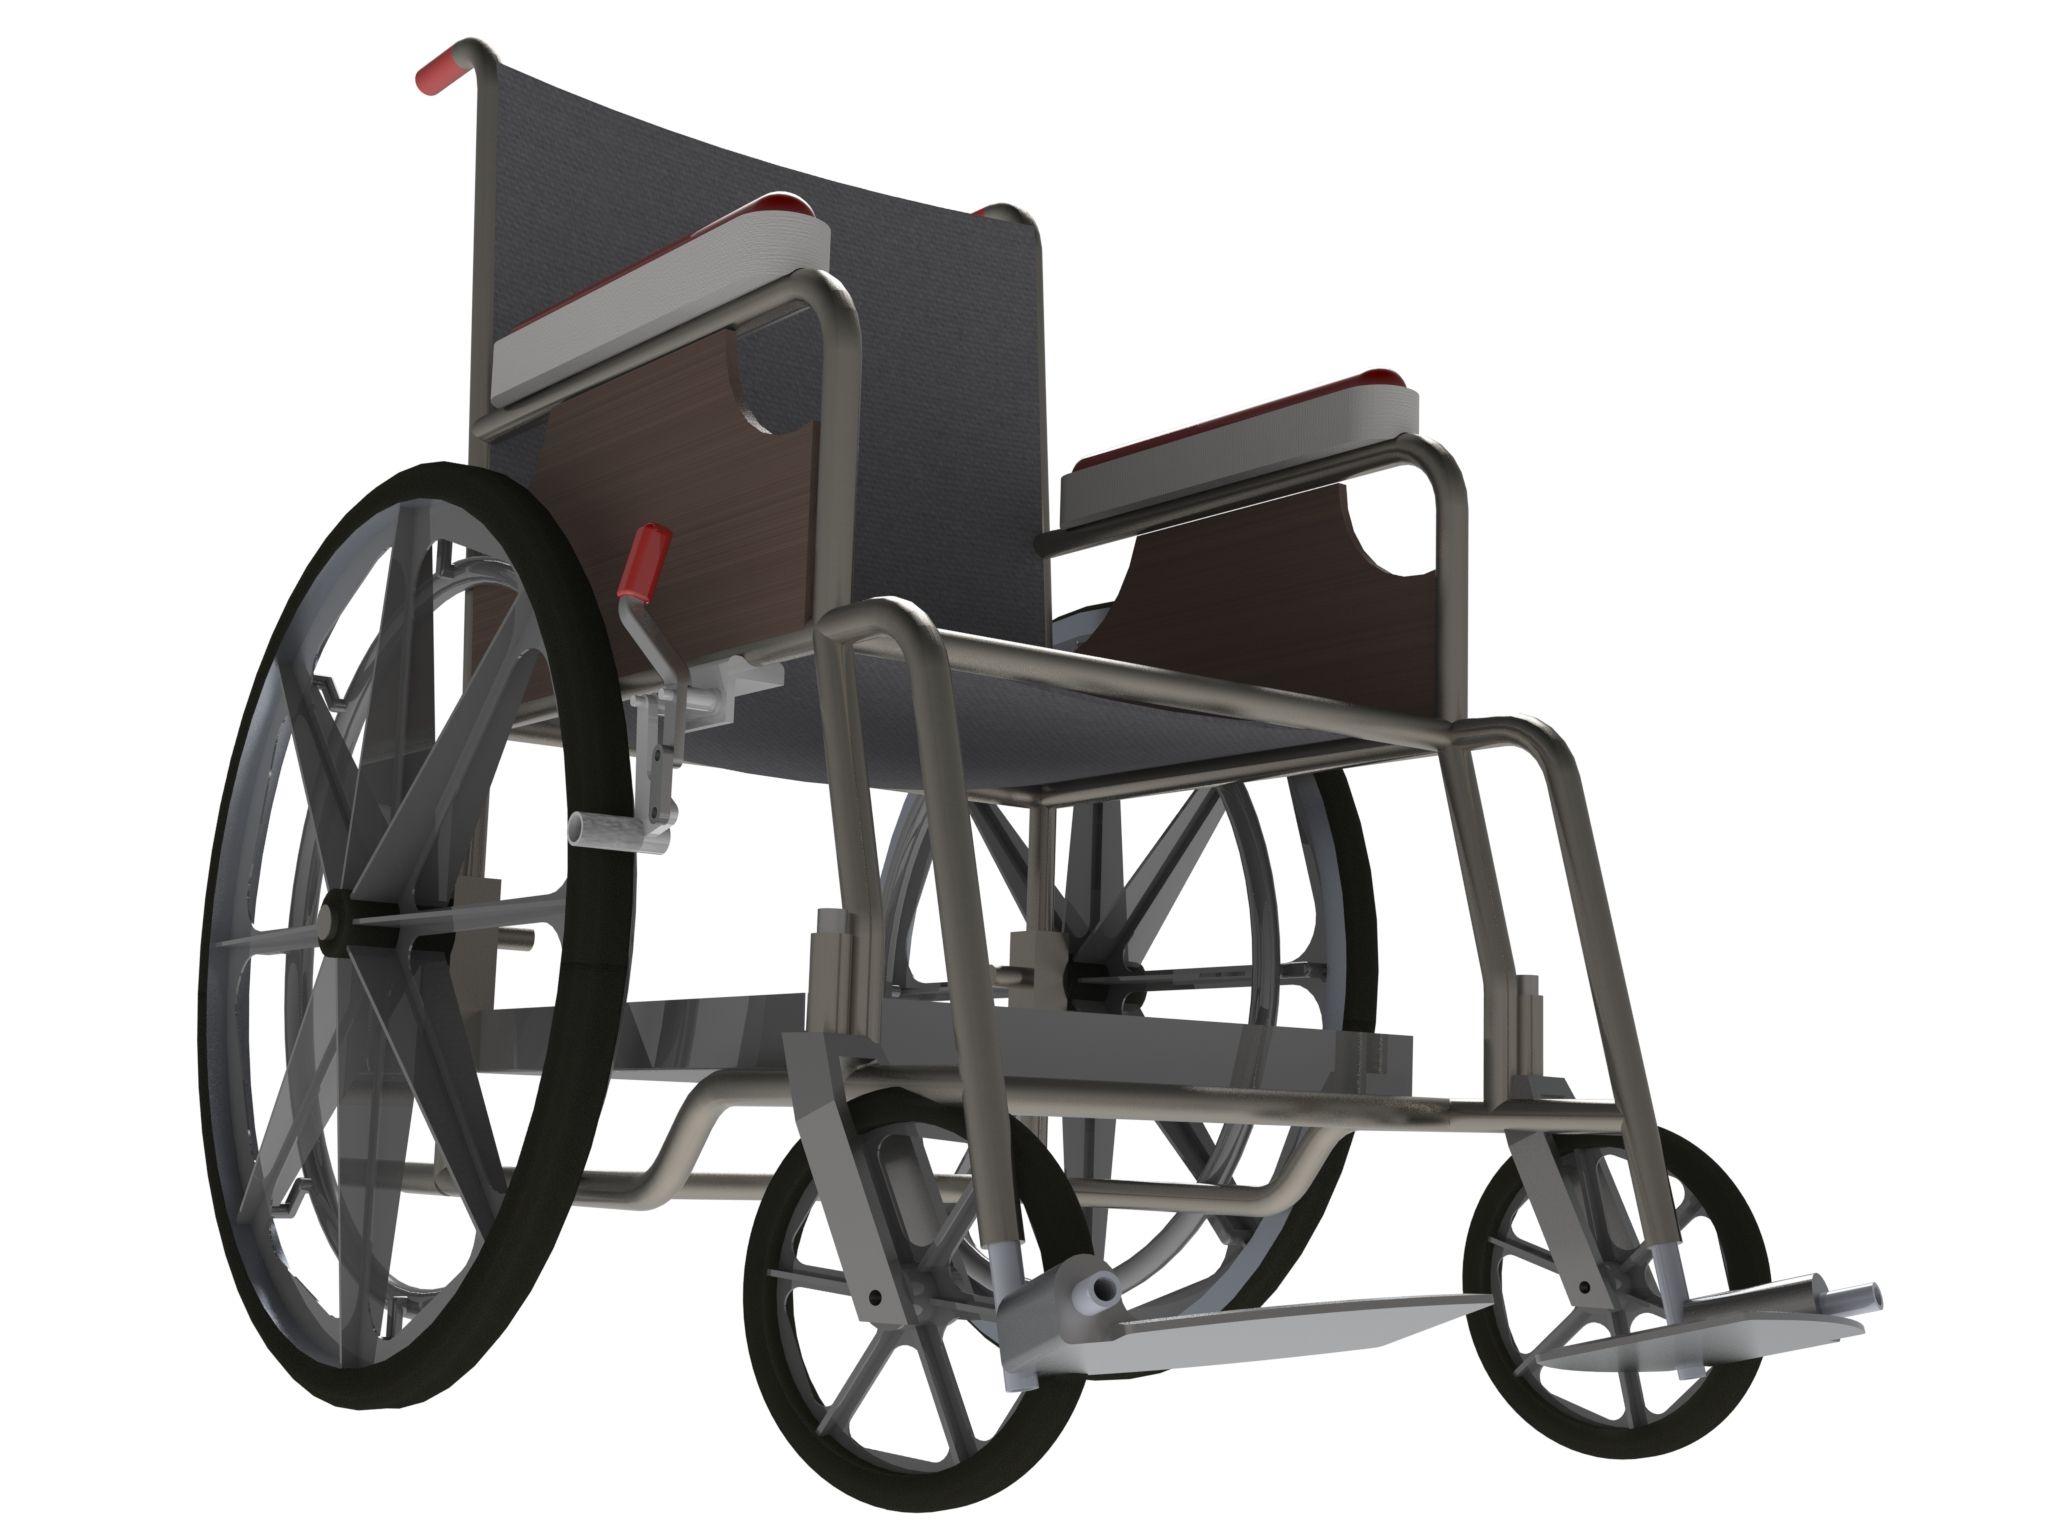 Visualisation et rendering d'un fauteuil roulant